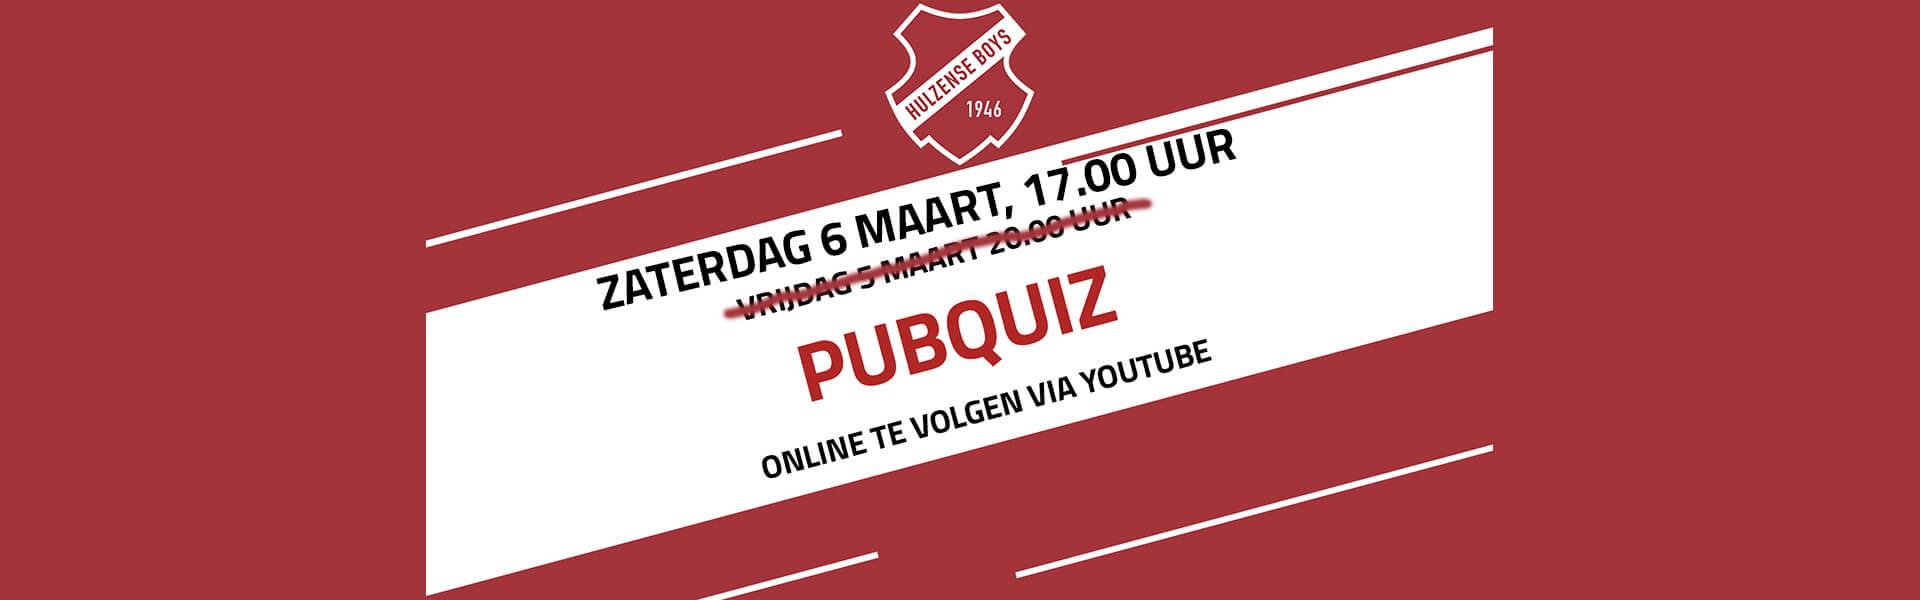 Online pubQuiz verplaatst naar zaterdag 6 maart